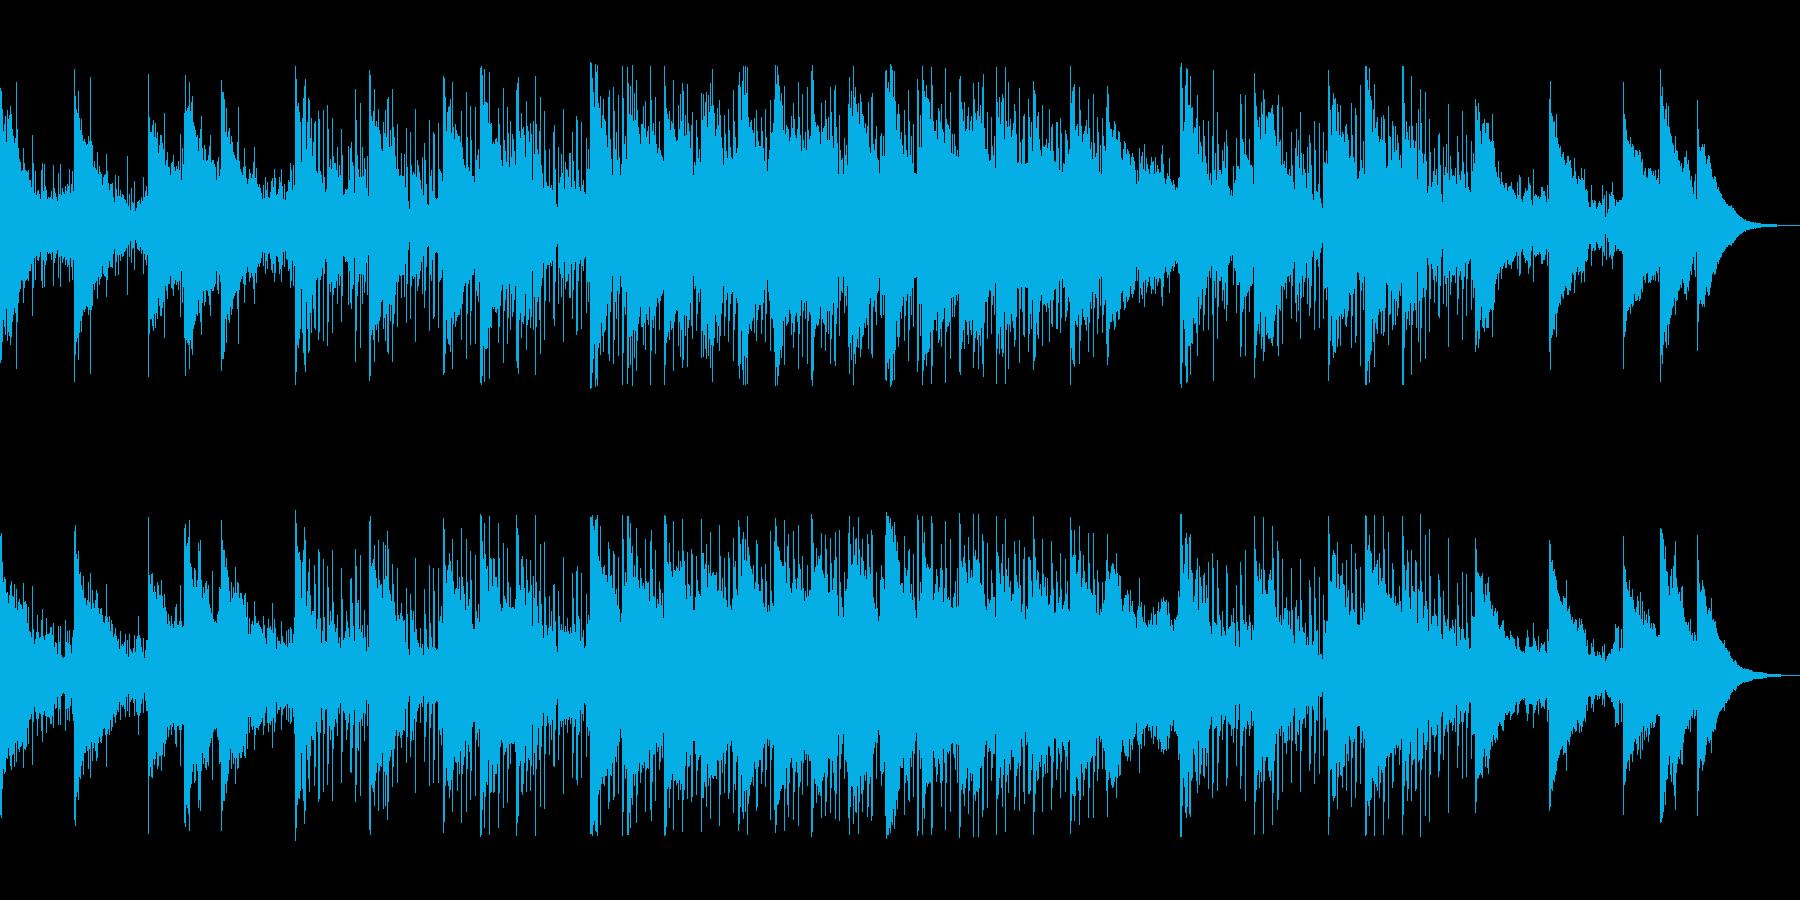 電子音の混じりの滑らかなテンポのテクノ音の再生済みの波形